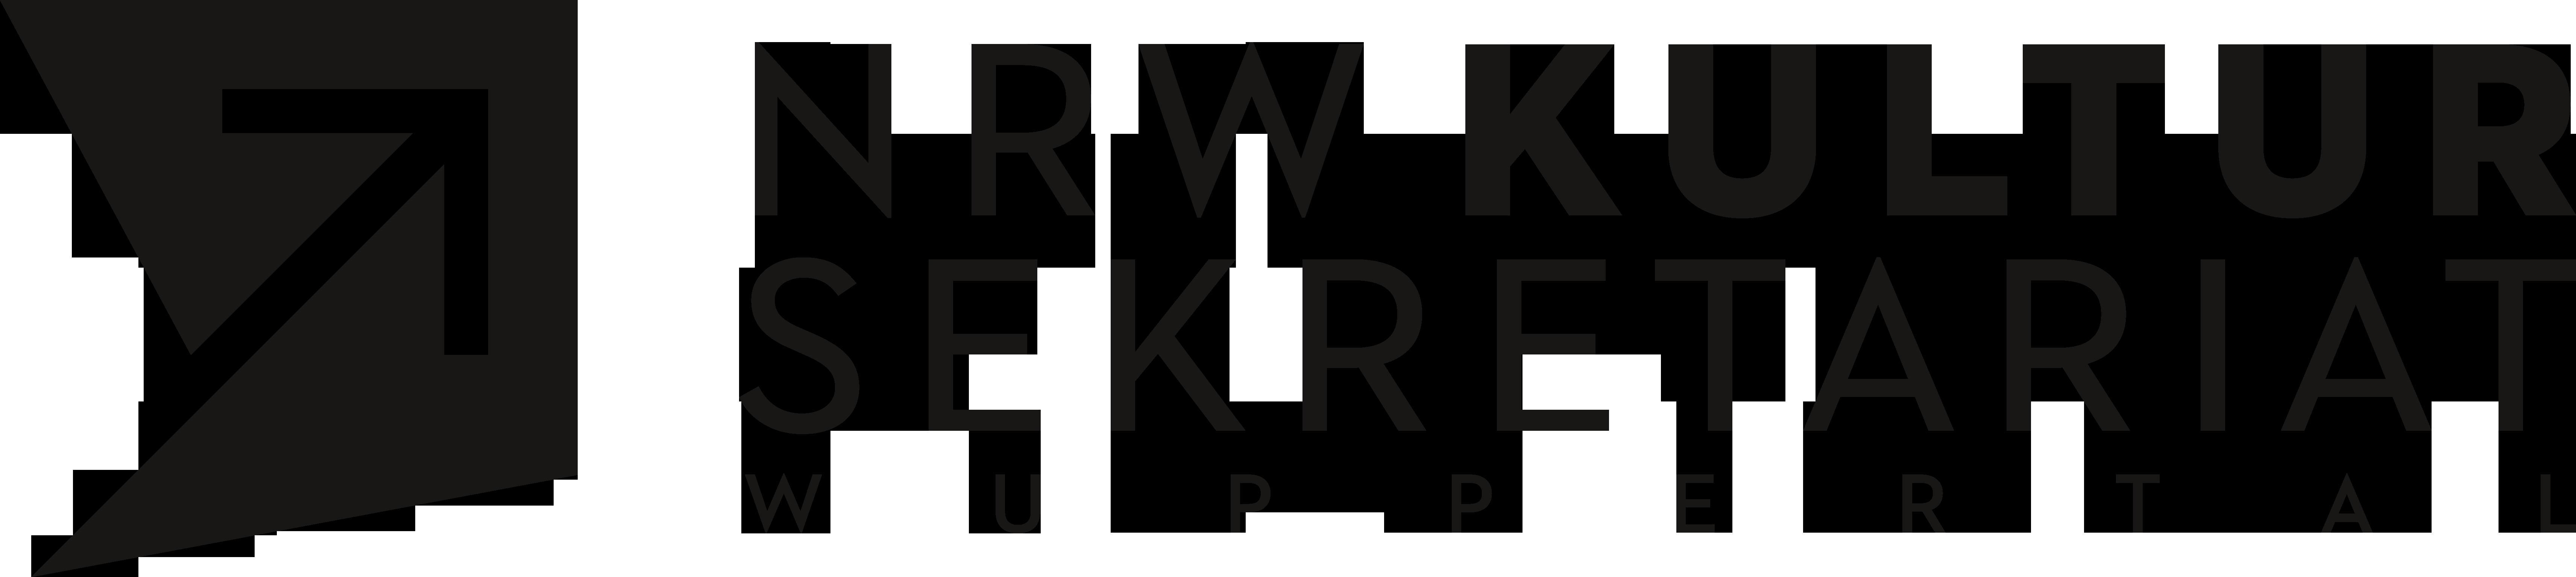 Logo NRW Kultur Sekretariat Wuppertal